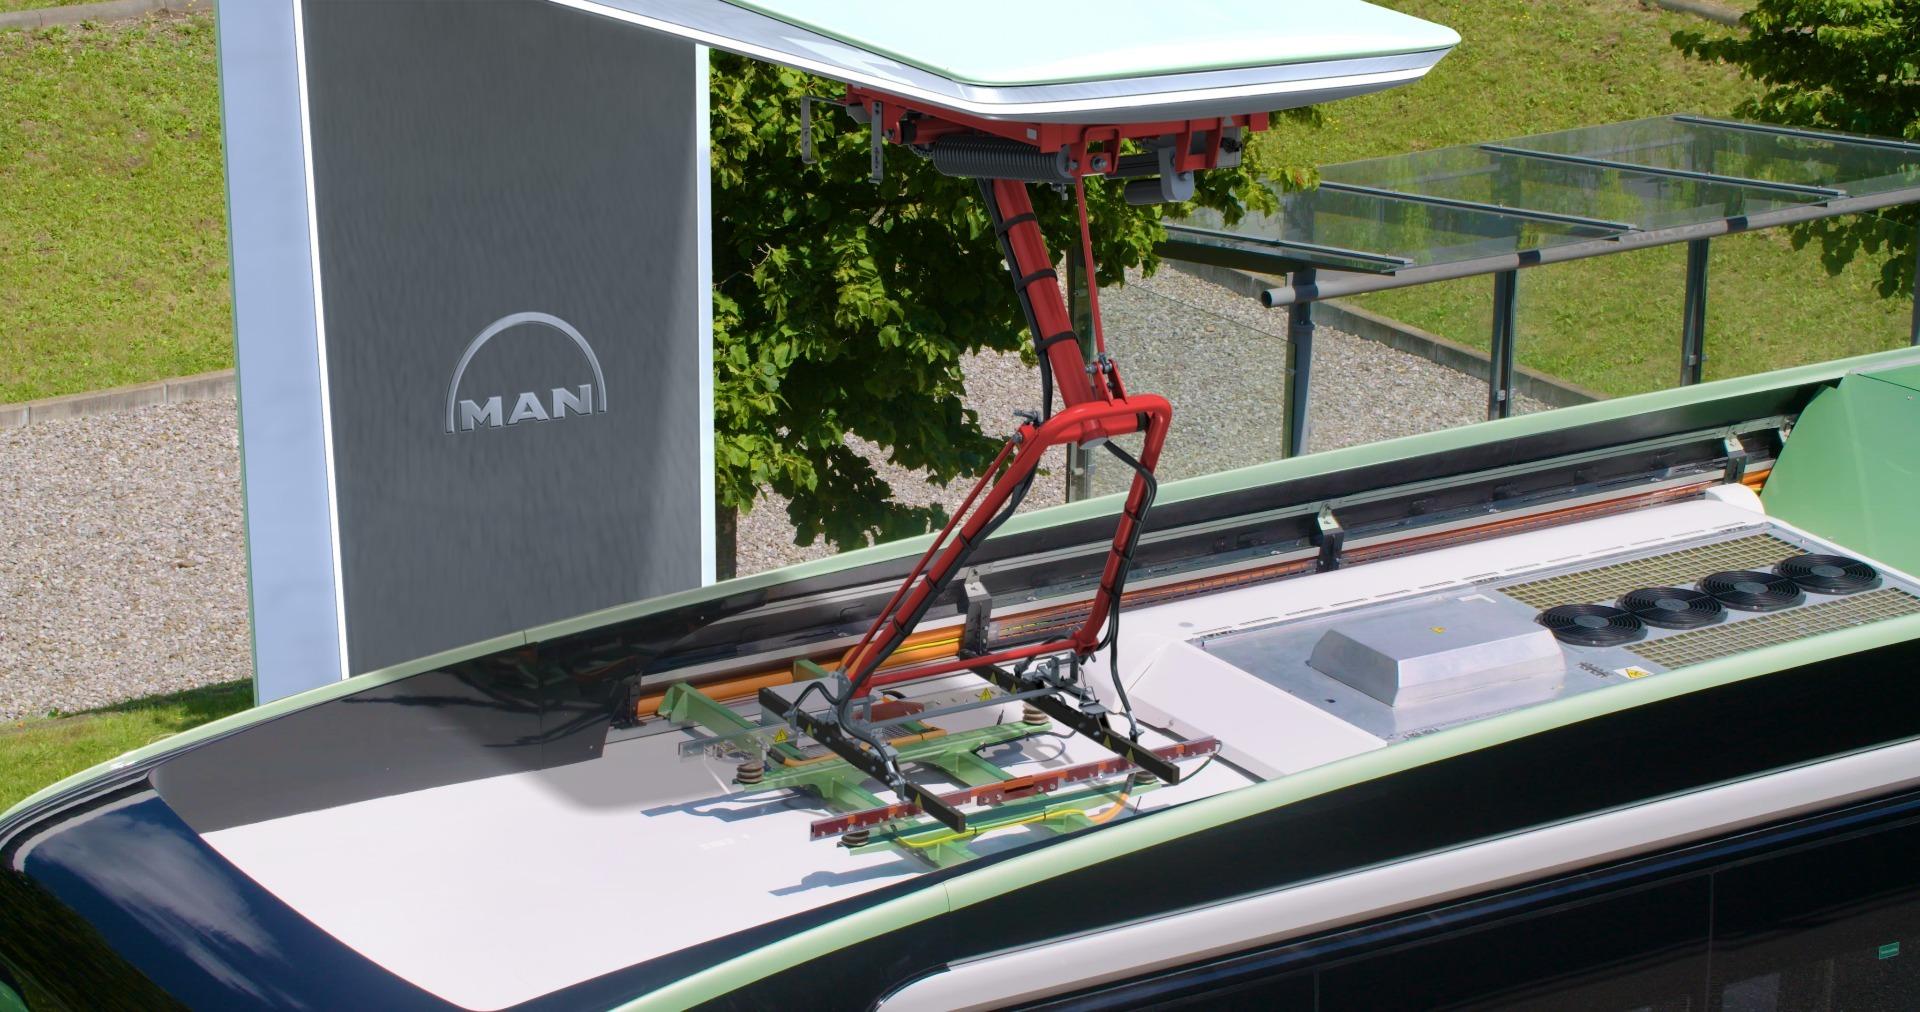 Pantográfos áramszedővel tölti fel magát az MAN elektromos busza a megállókban